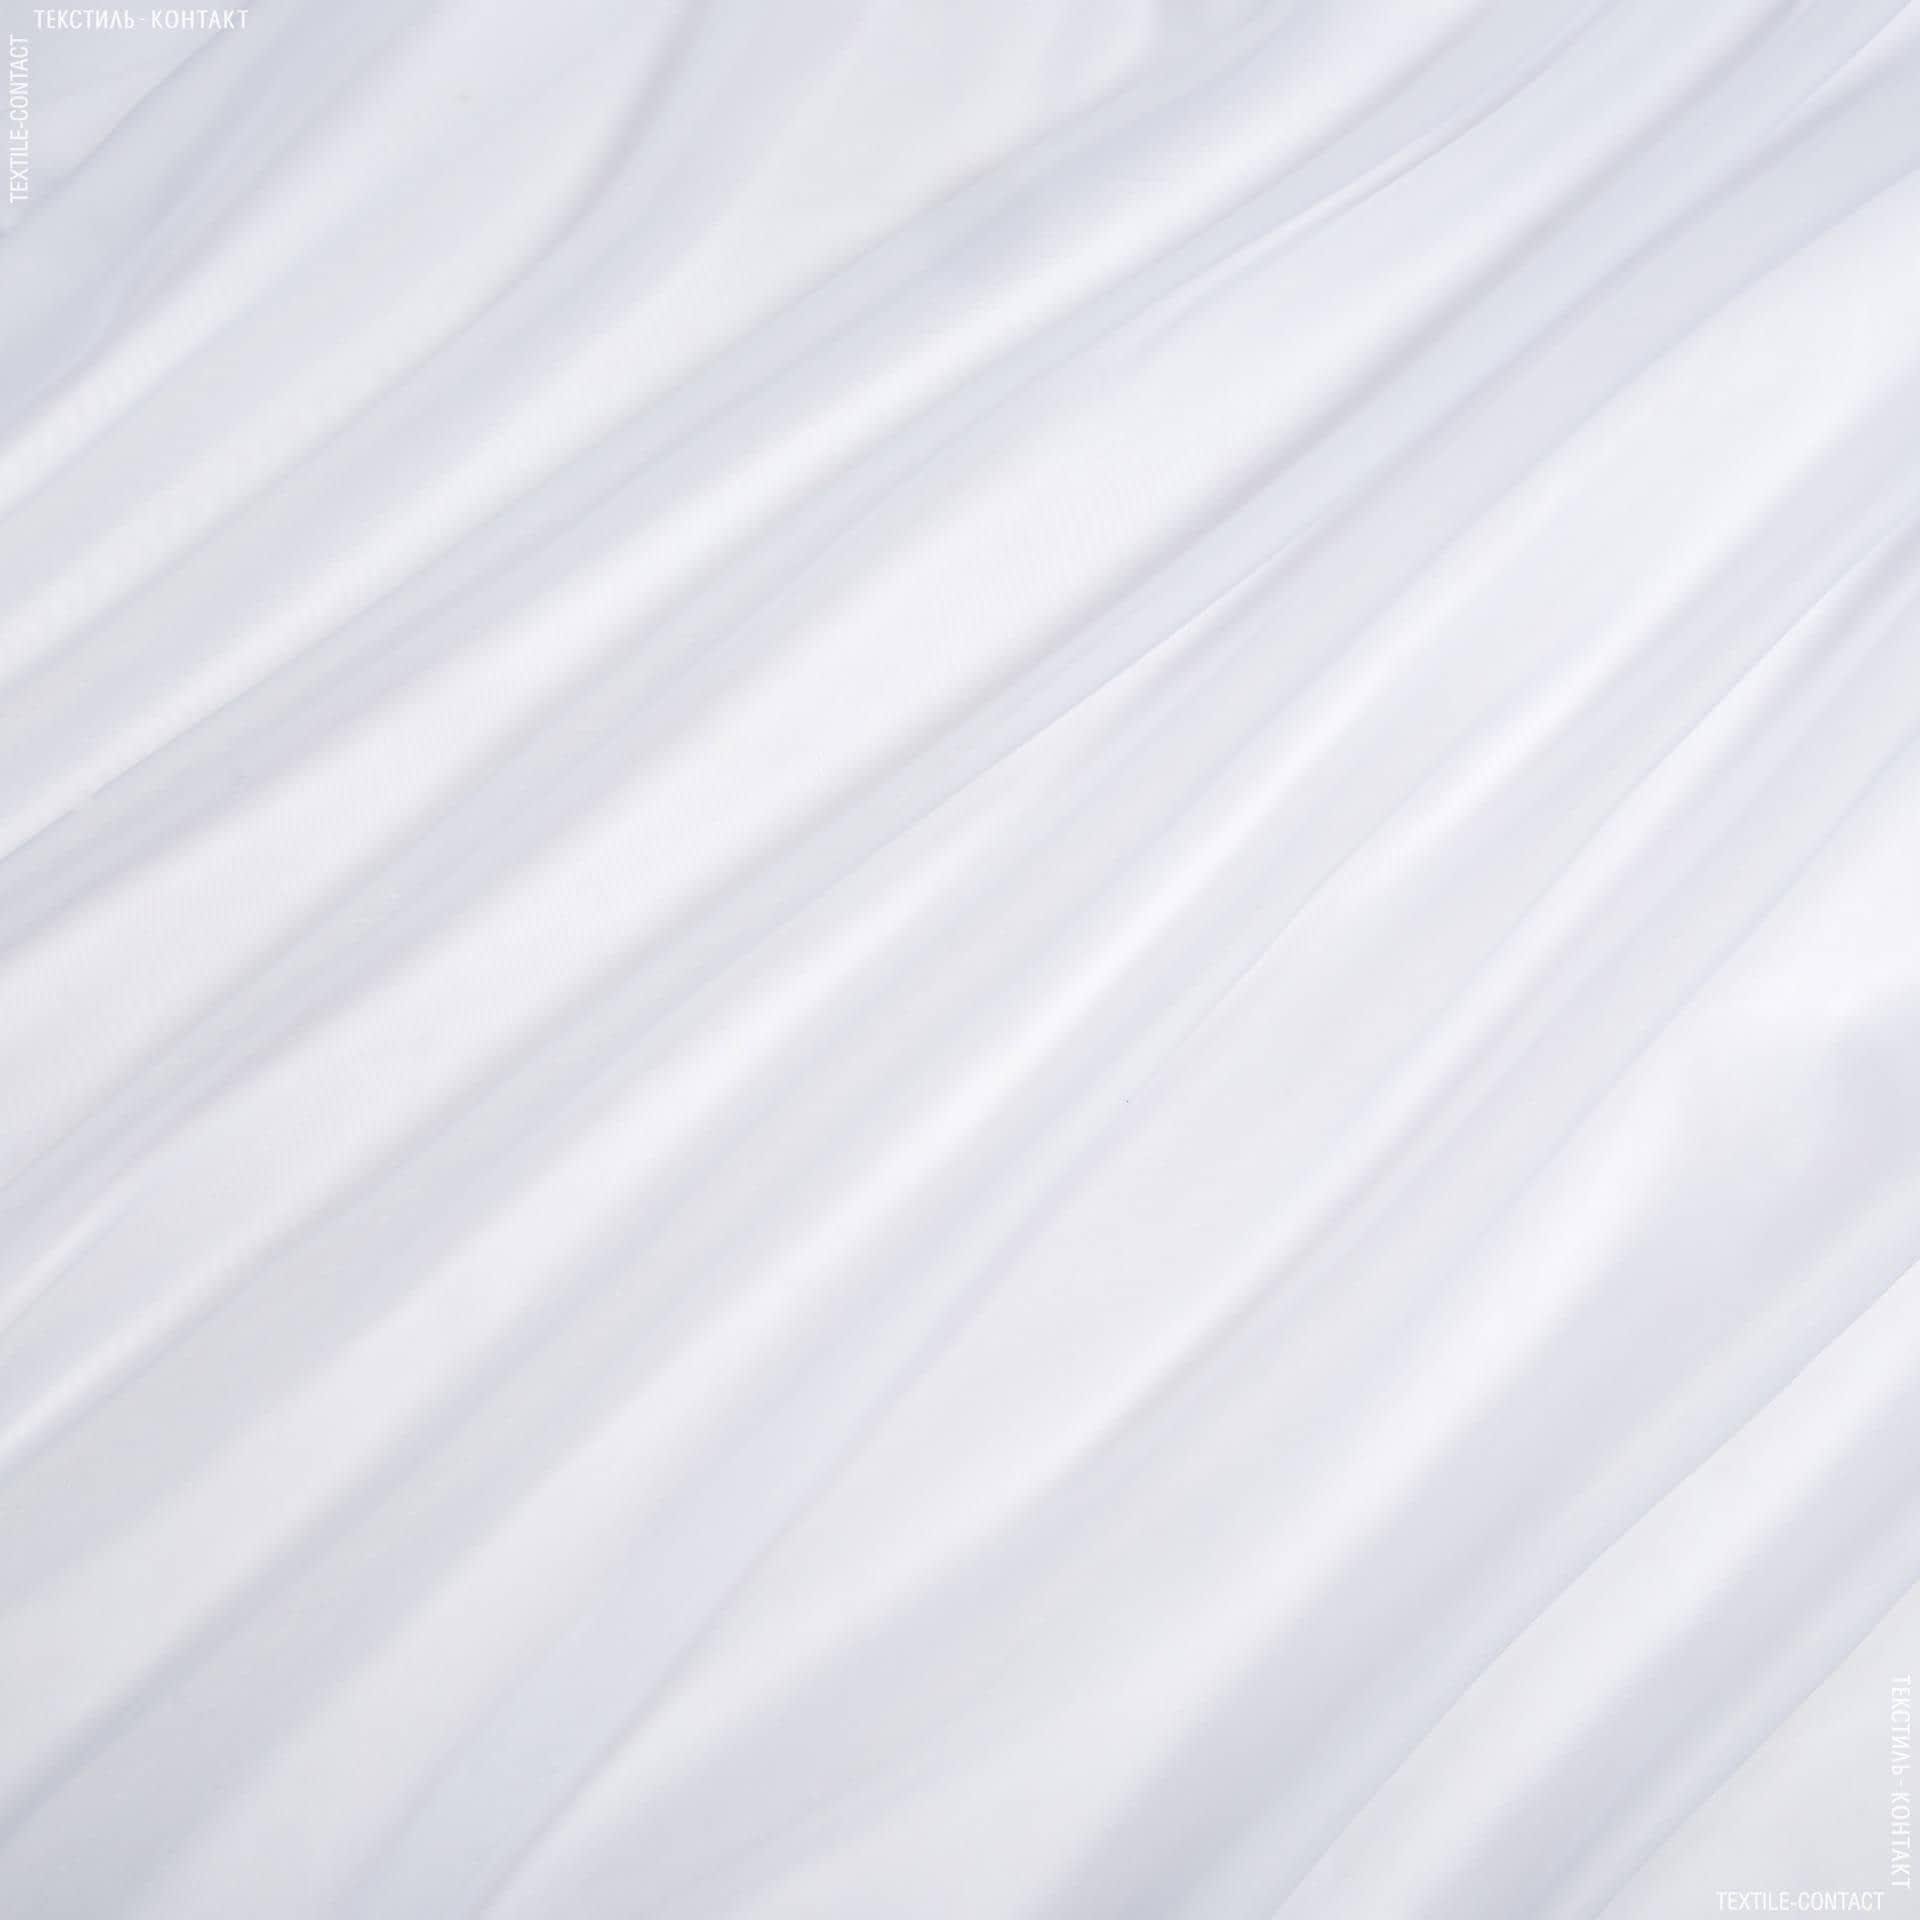 Тканини гардинні тканини - Тюль з обважнювачем батист ліндсей/lindsay білий